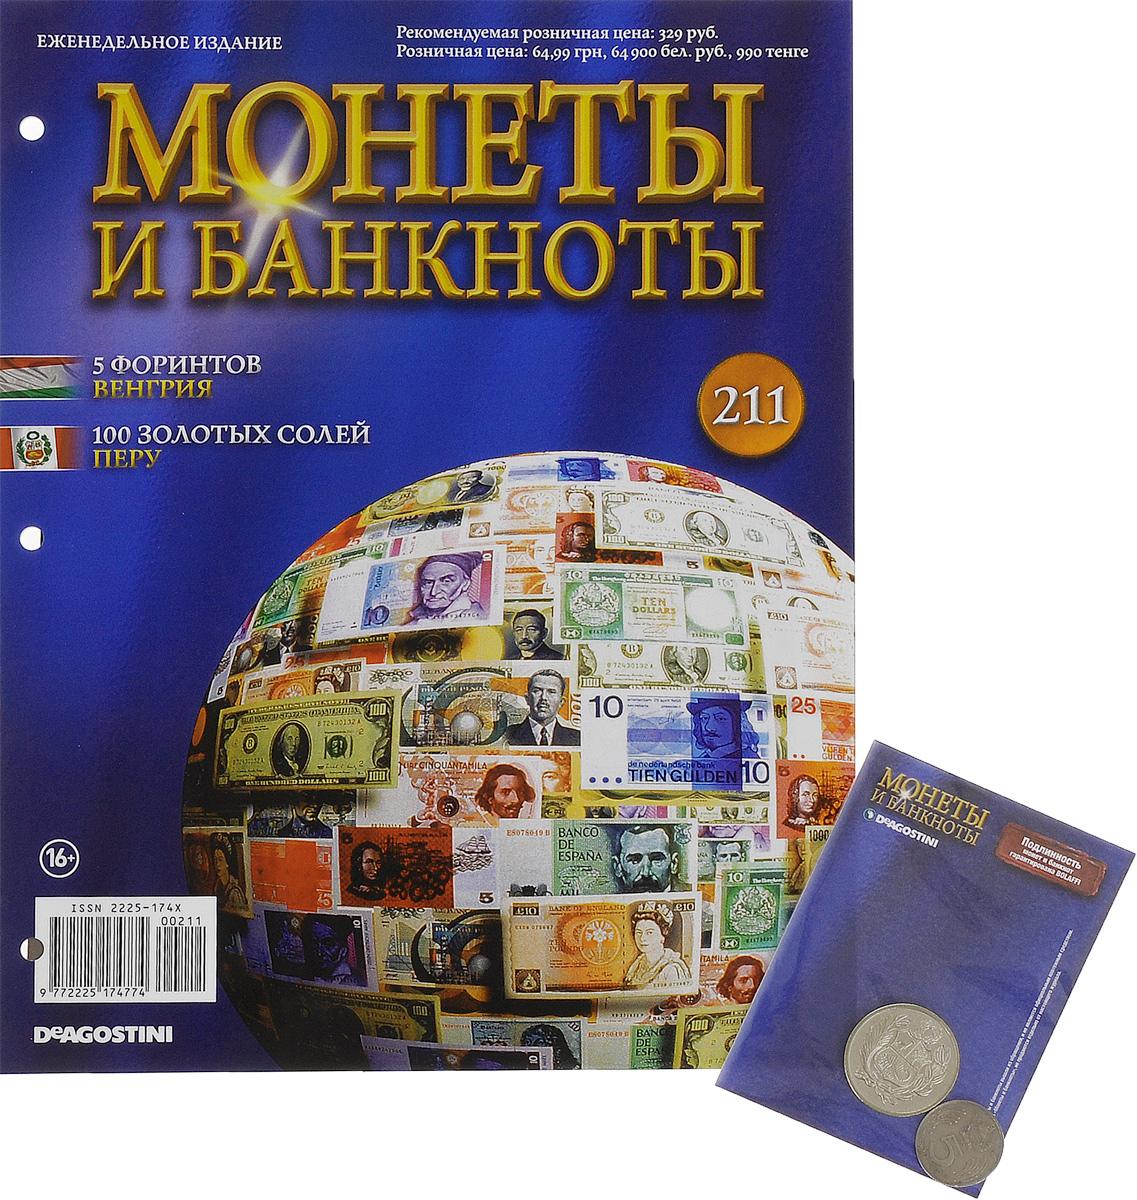 Журнал Монеты и банкноты №211 журнал монеты и банкноты 161